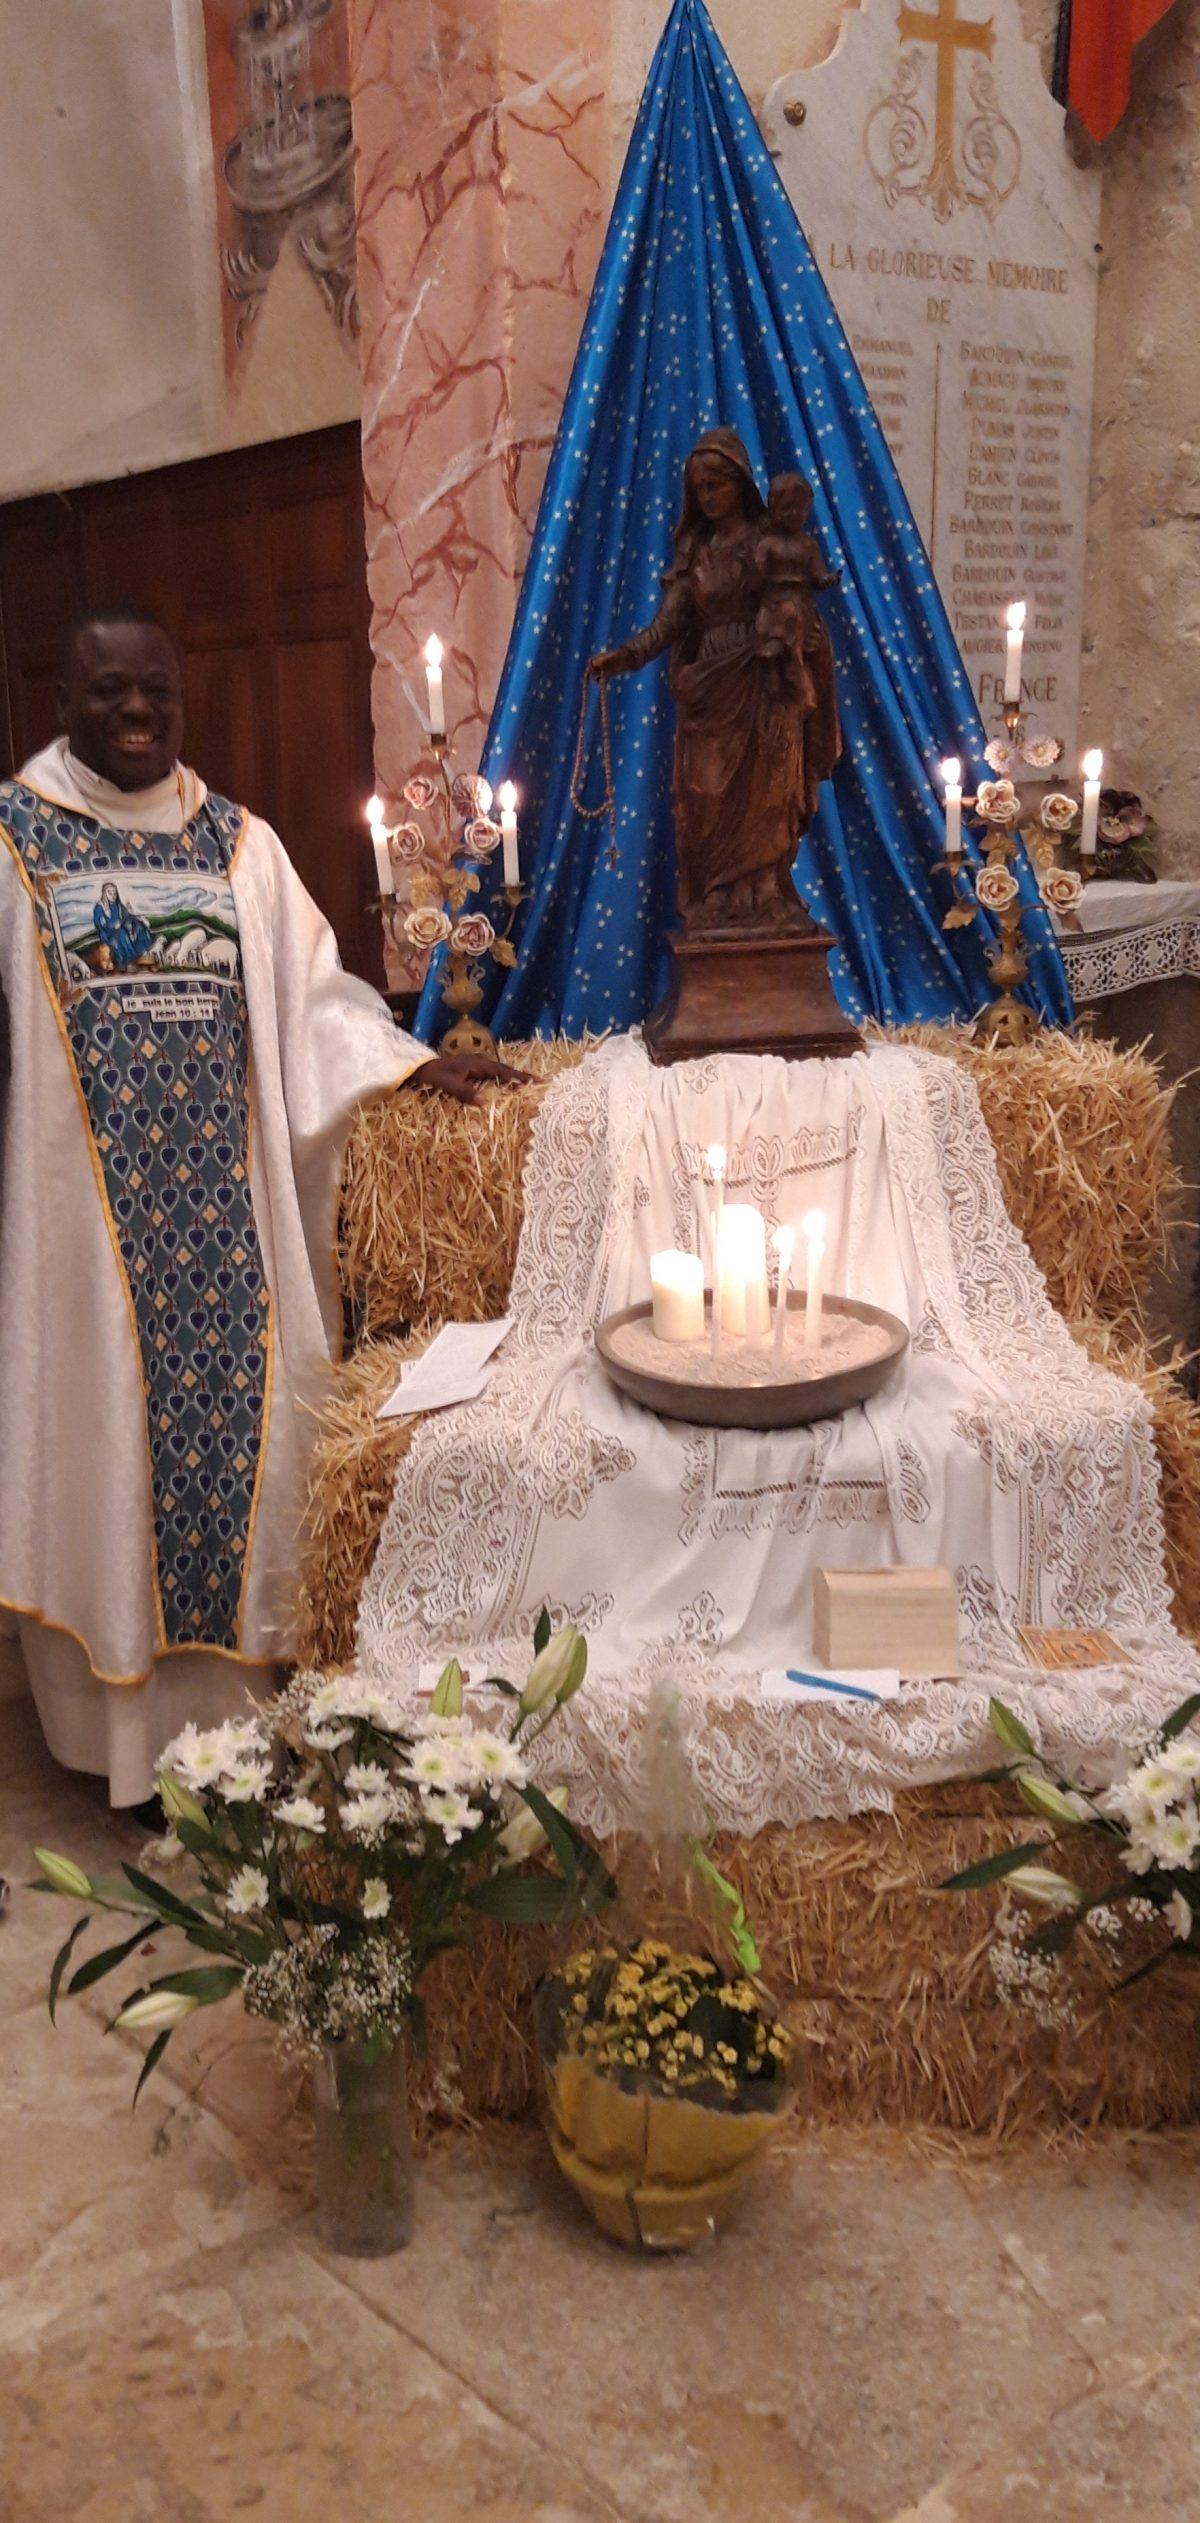 Célébration finale autour de la Vierge Pélerine